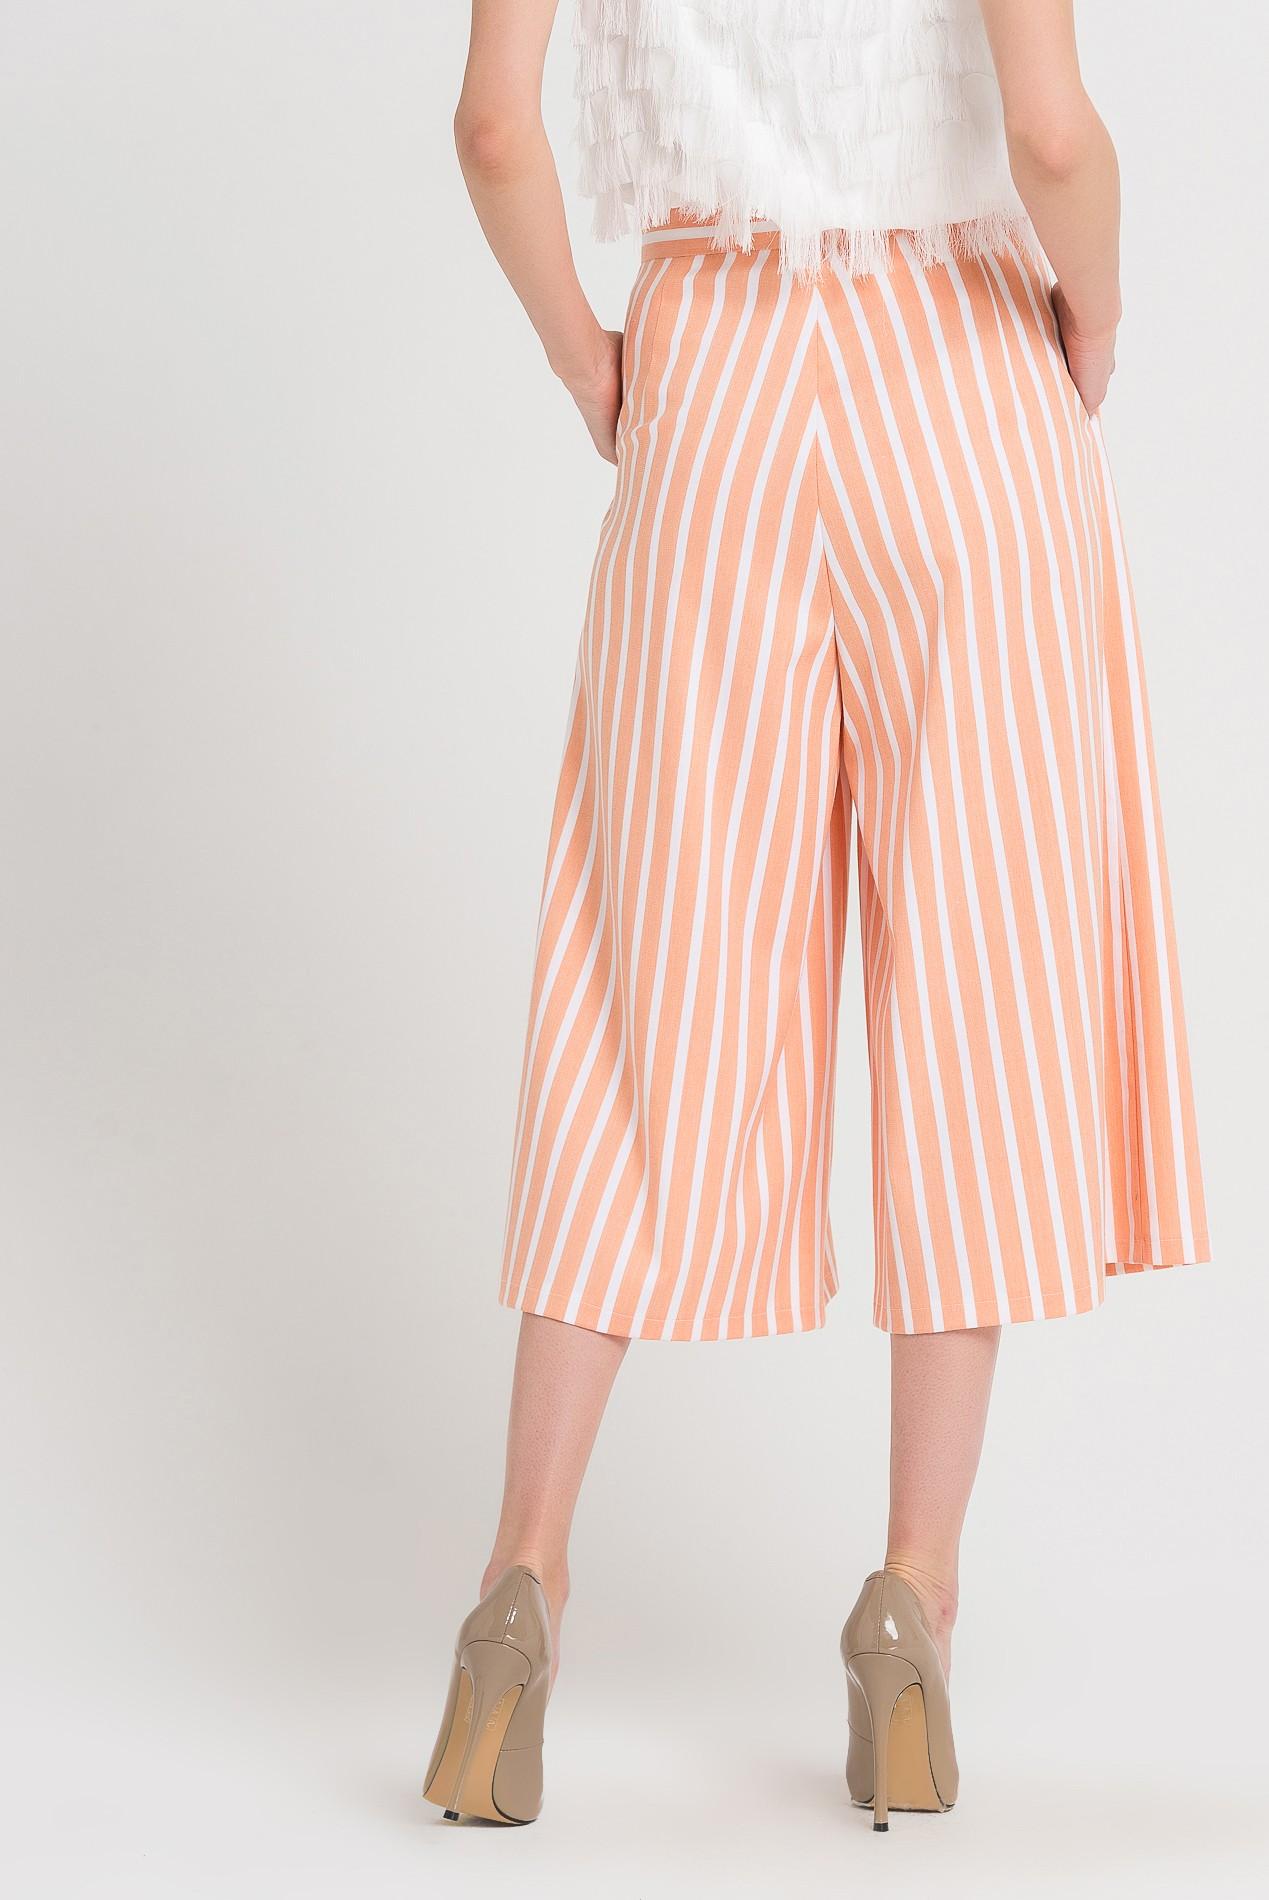 брюки весна лето 2019 года модные: кюлоты бежевые в белую полоску